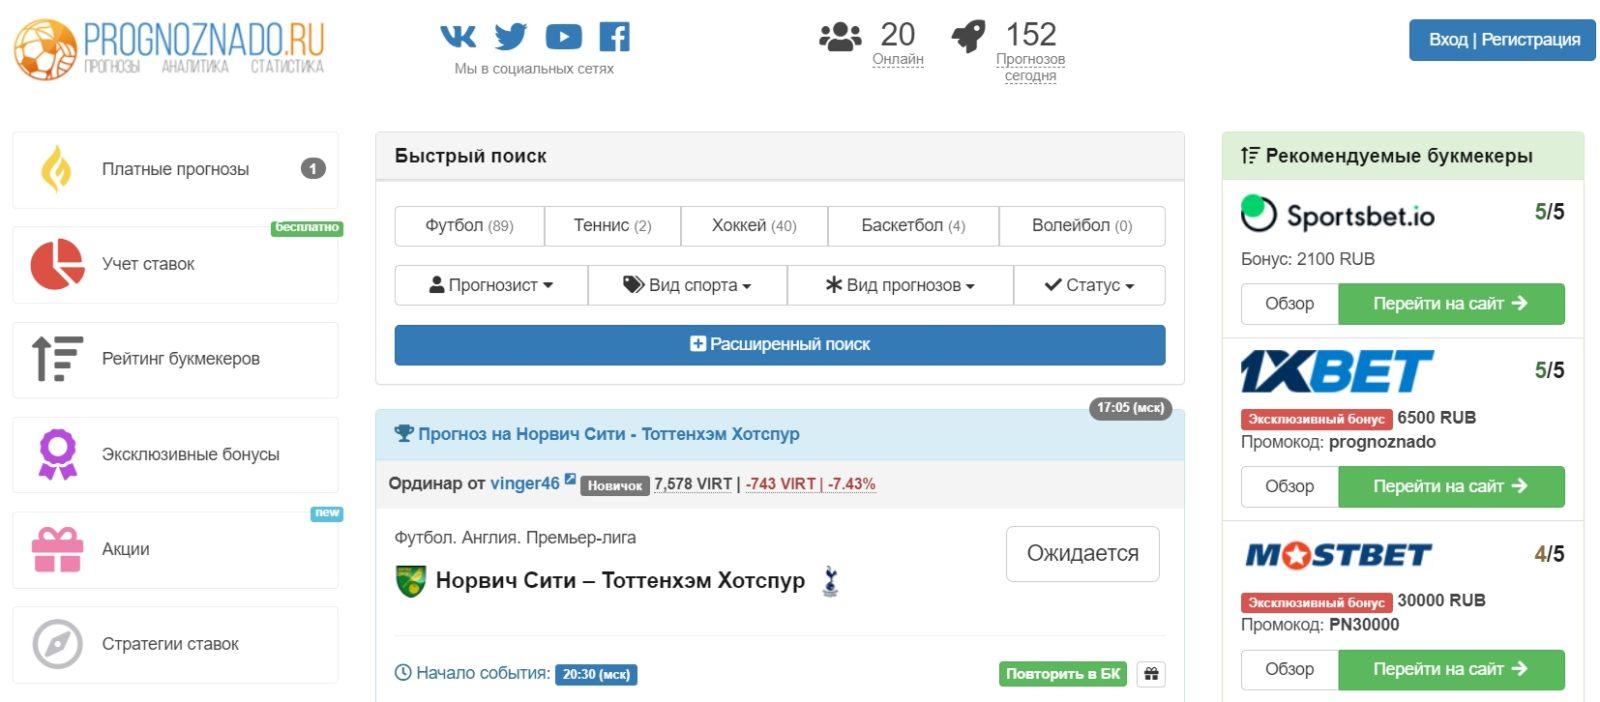 Главная страница сайта Prognoznado ru (Прогноз надо ру)